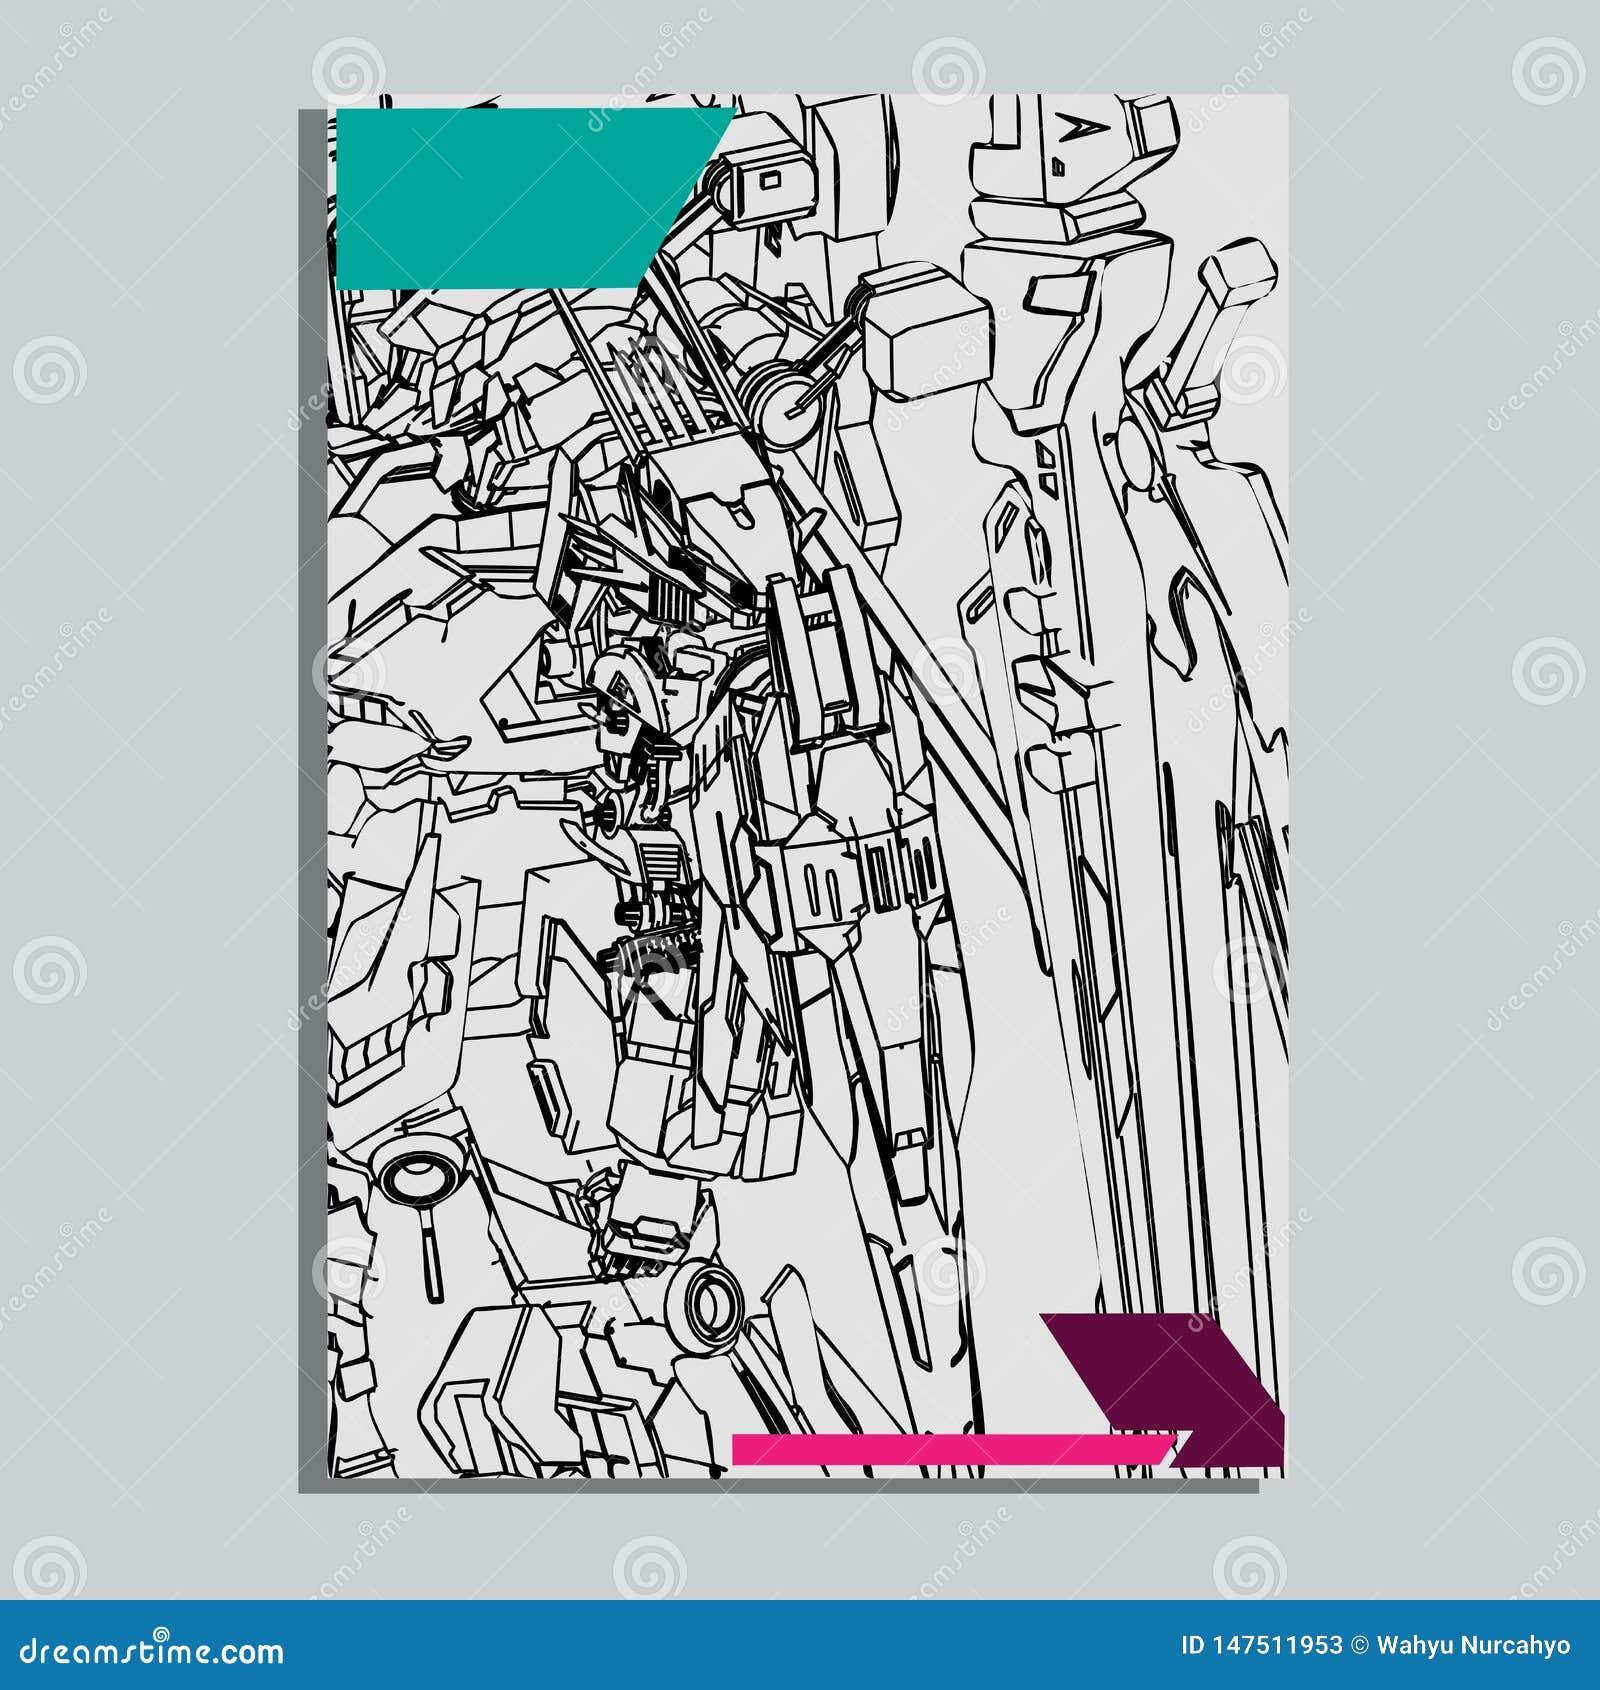 Vector illustratie robot heilige meetkunde Voor t-shirtontwerp, affiche, sticker lijnstijl - Het vector